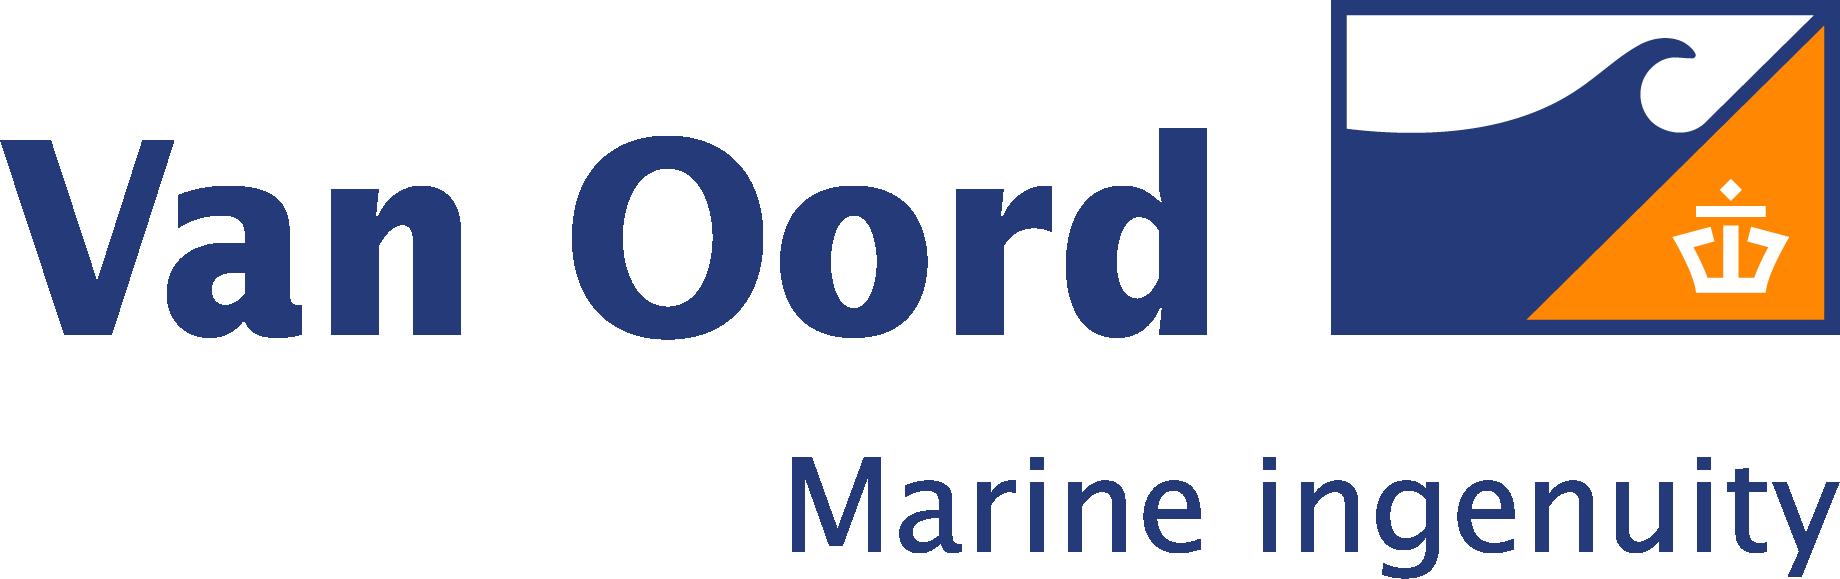 Van Oord